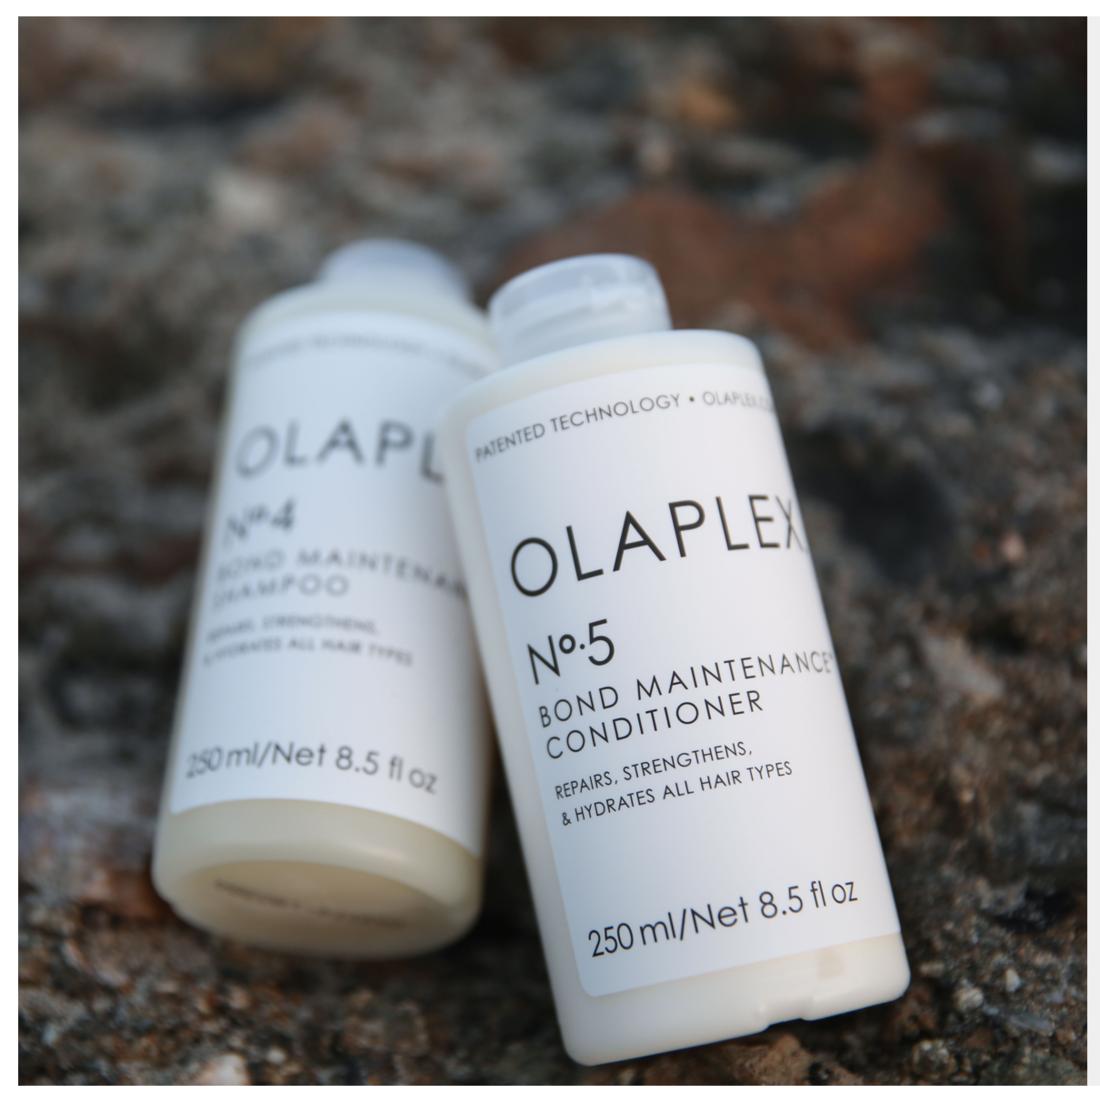 Olaplex no.4 Shampoo and Olaplex no.5 Conditioner